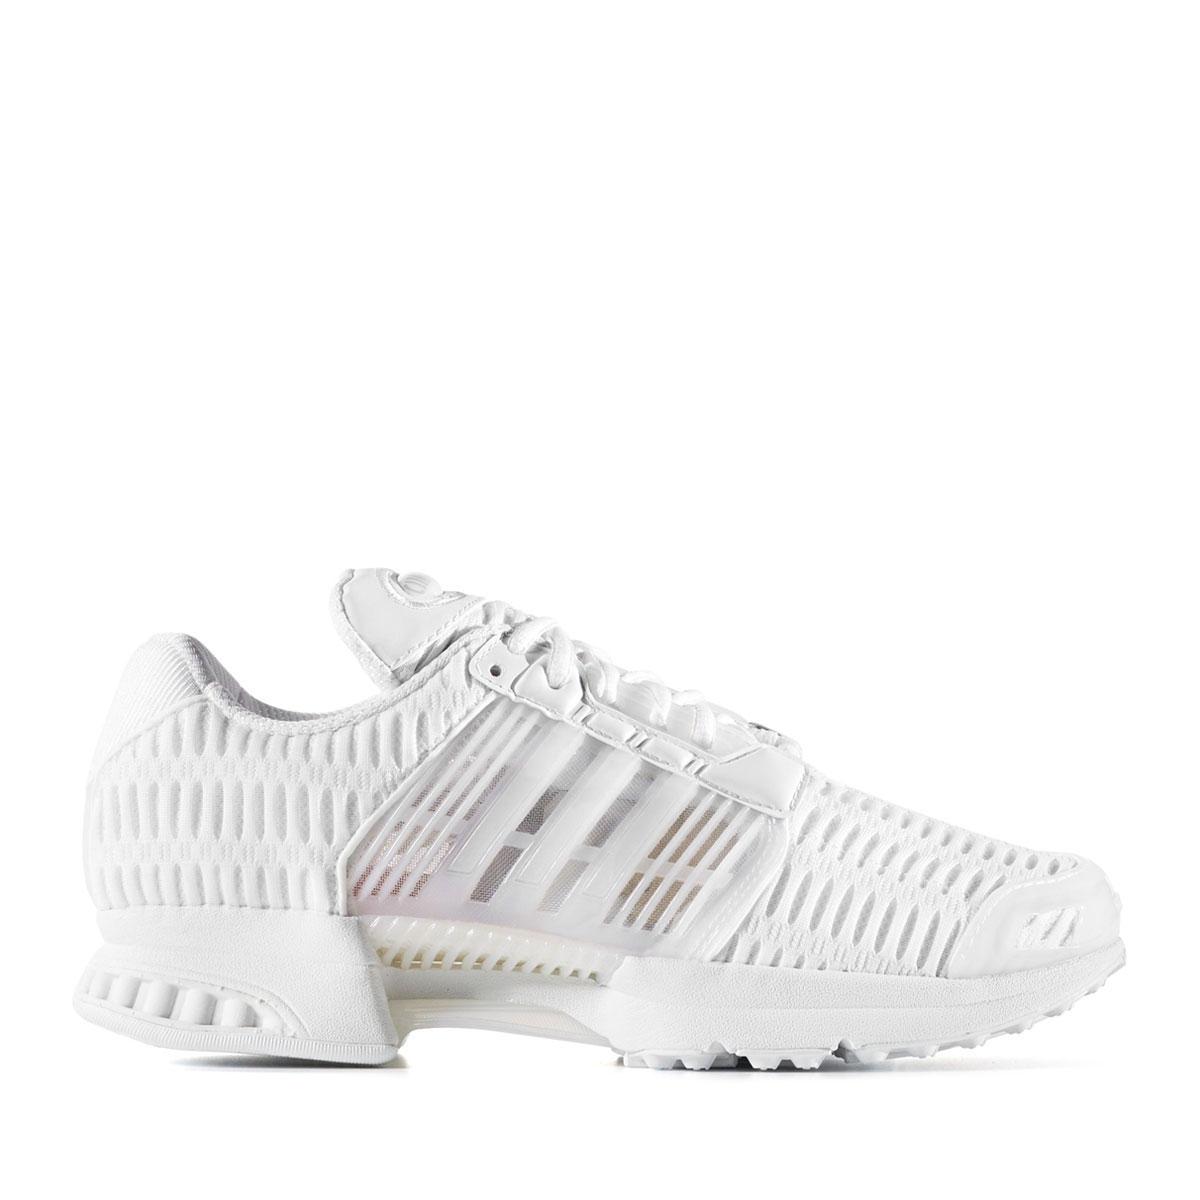 adidas Originals CLIMACOOL 1(アディダス オリジナルス クライマクール)Running White/Running White/Running White【メンズ スニーカー】17FW-I